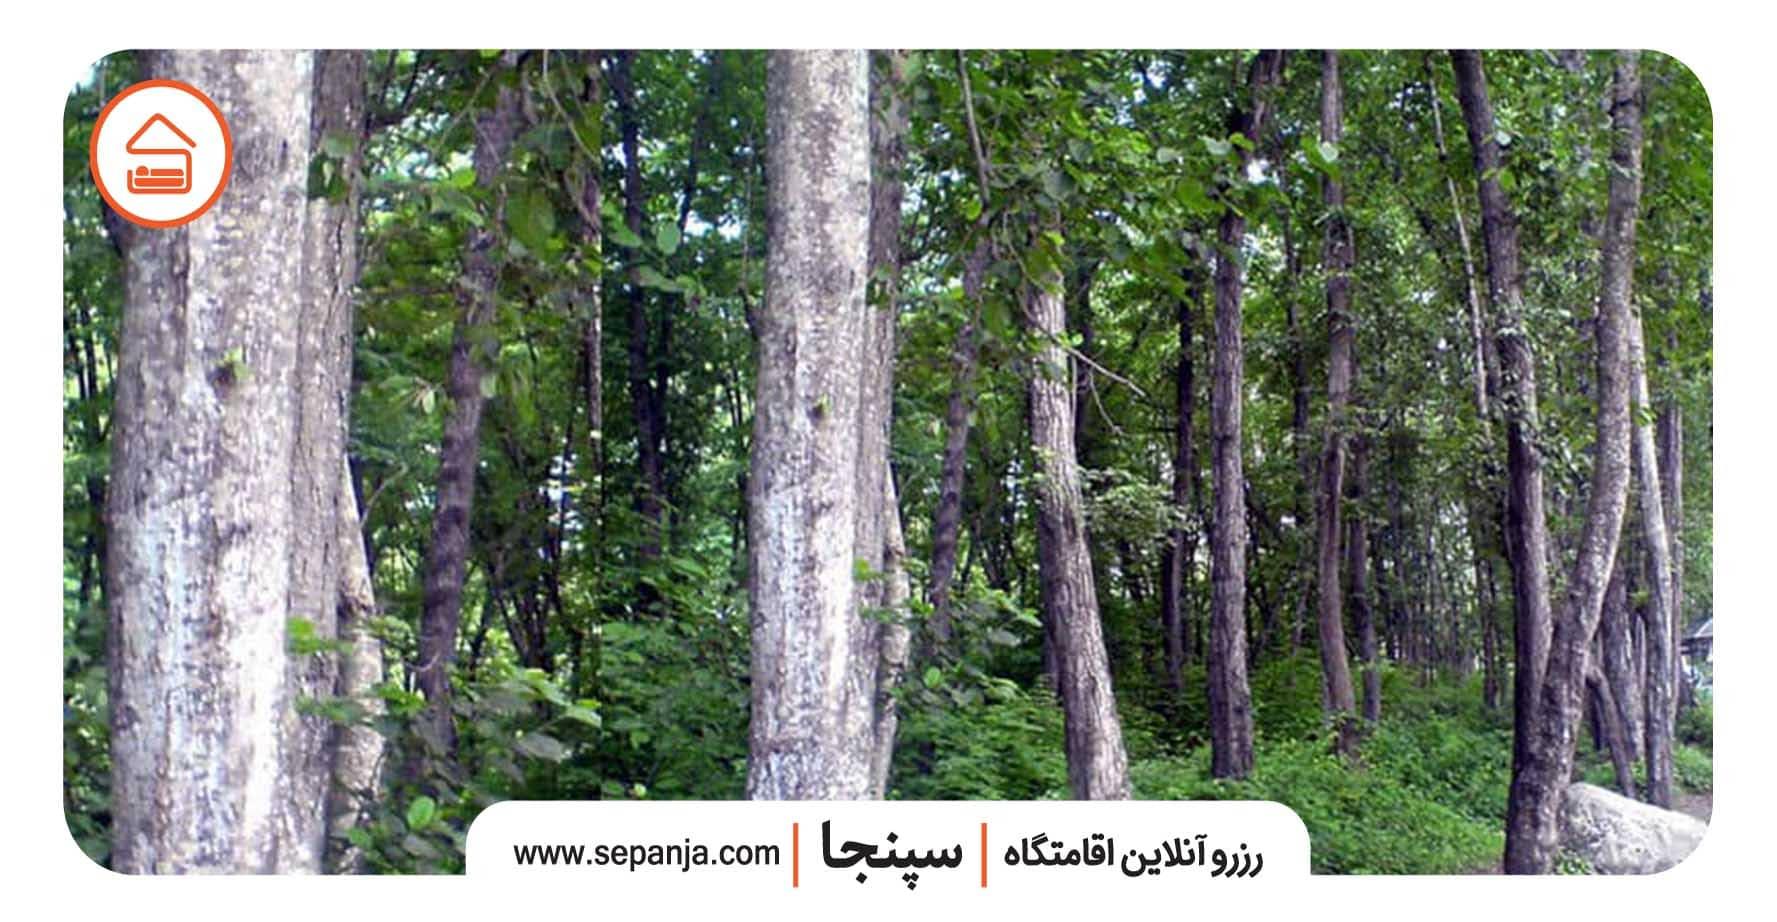 اقامت در جنگلهای فین چالوس